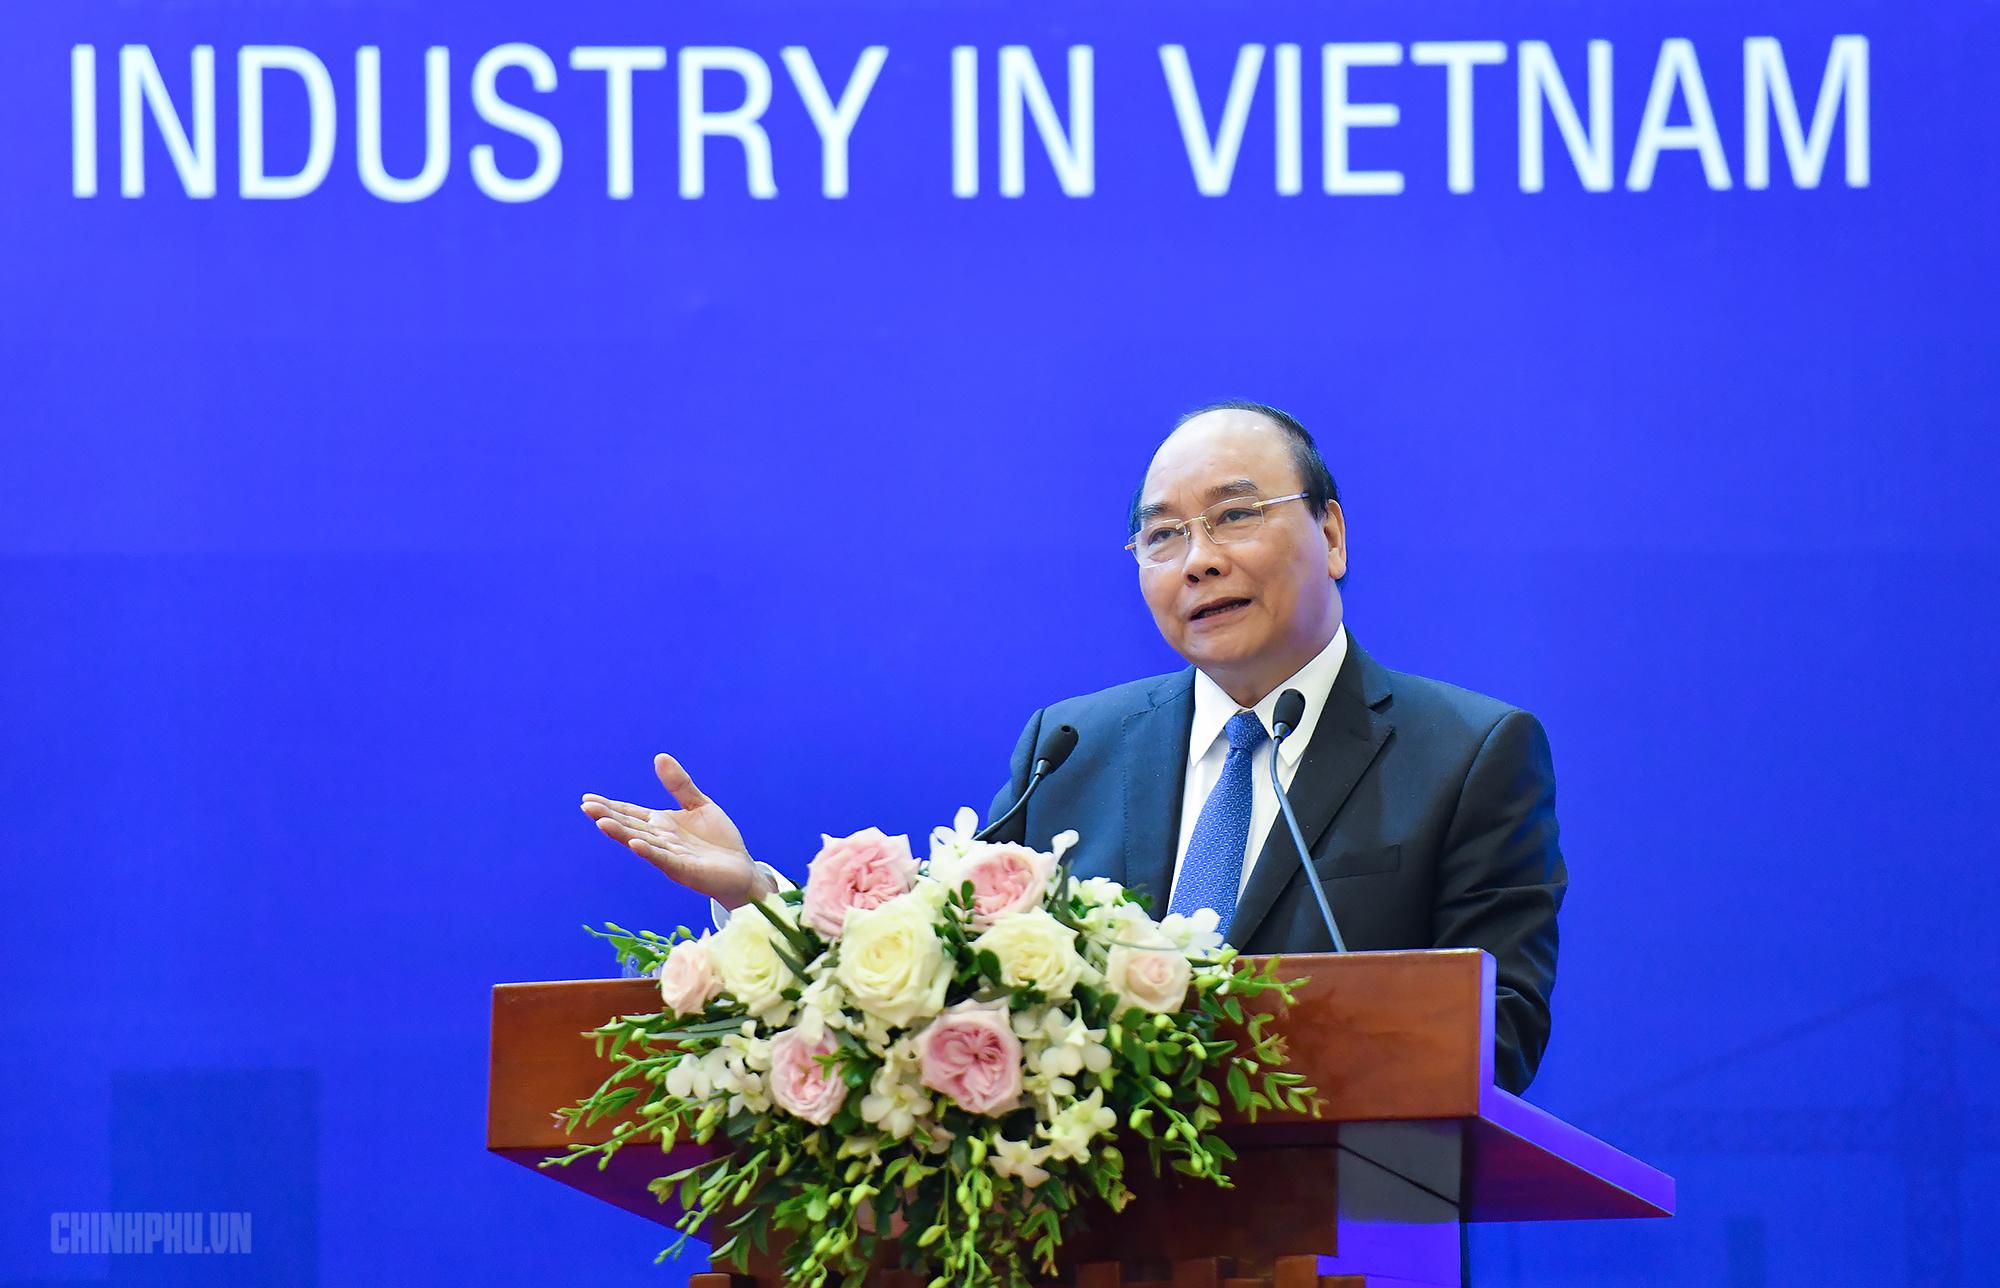 Thủ tướng: Công nghiệp hỗ trợ phát triển như 'tinh thần Park Hang-seo và đội bóng'